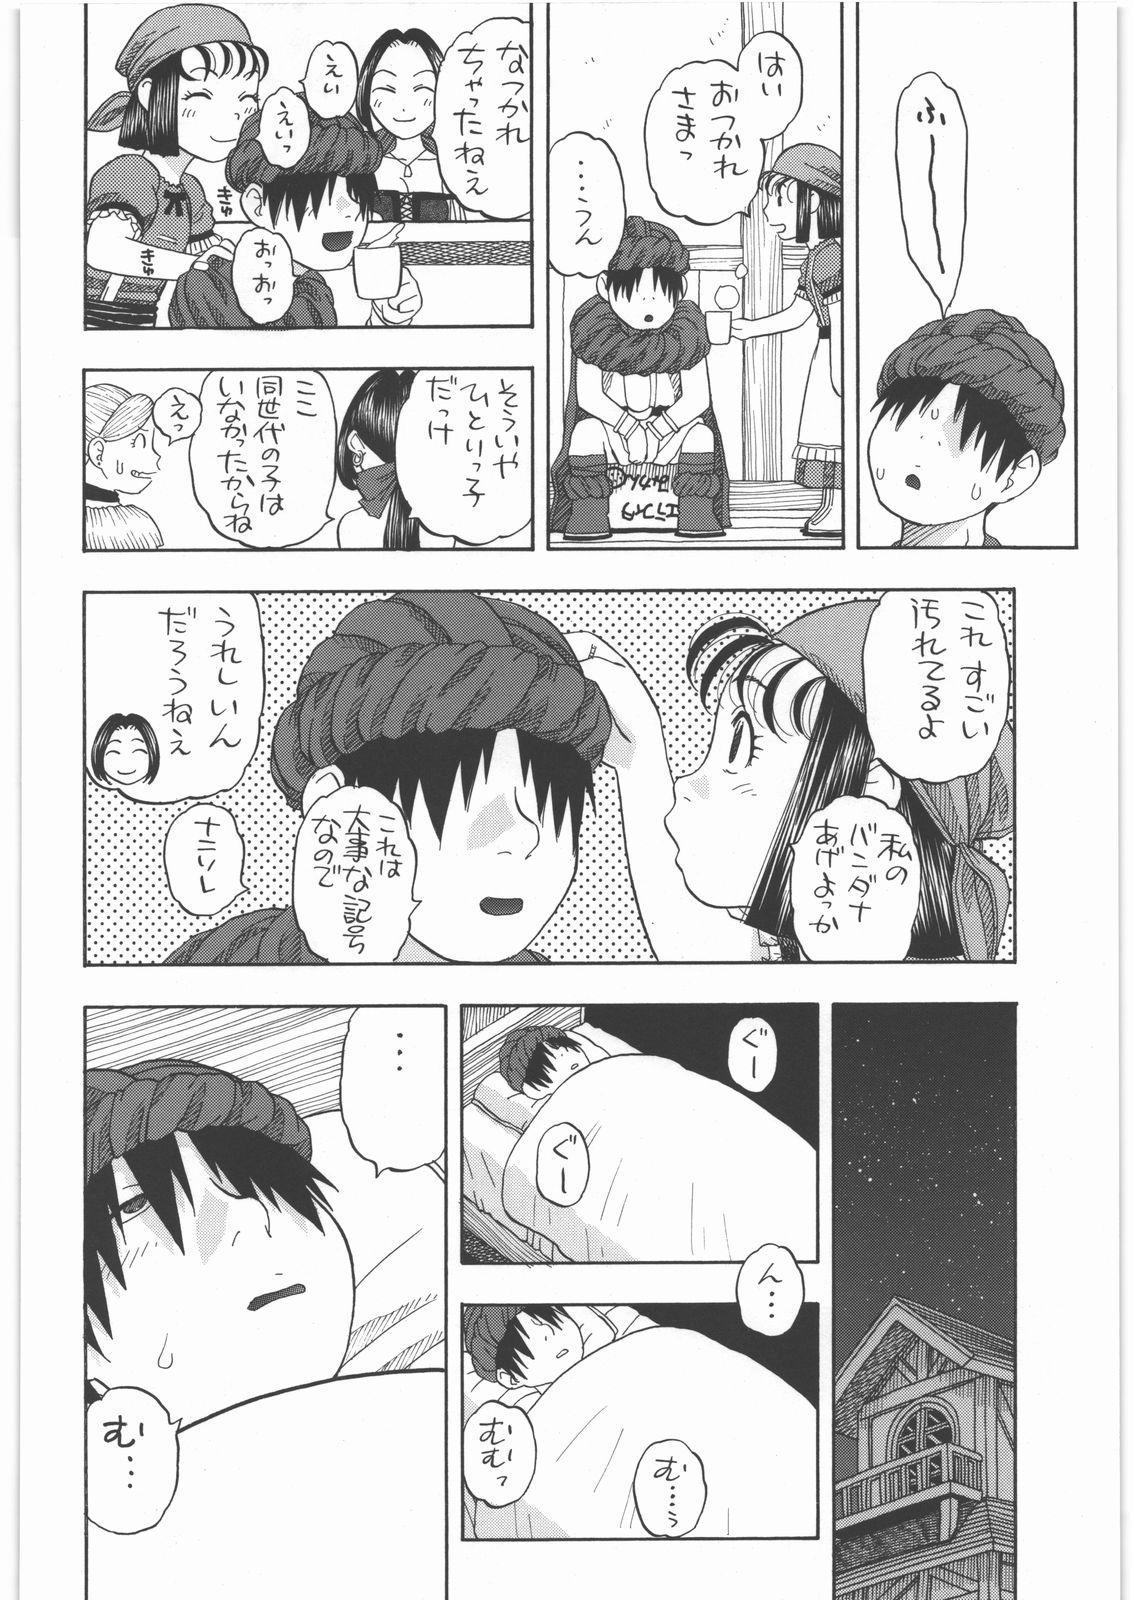 Yadoya no Rikka 4